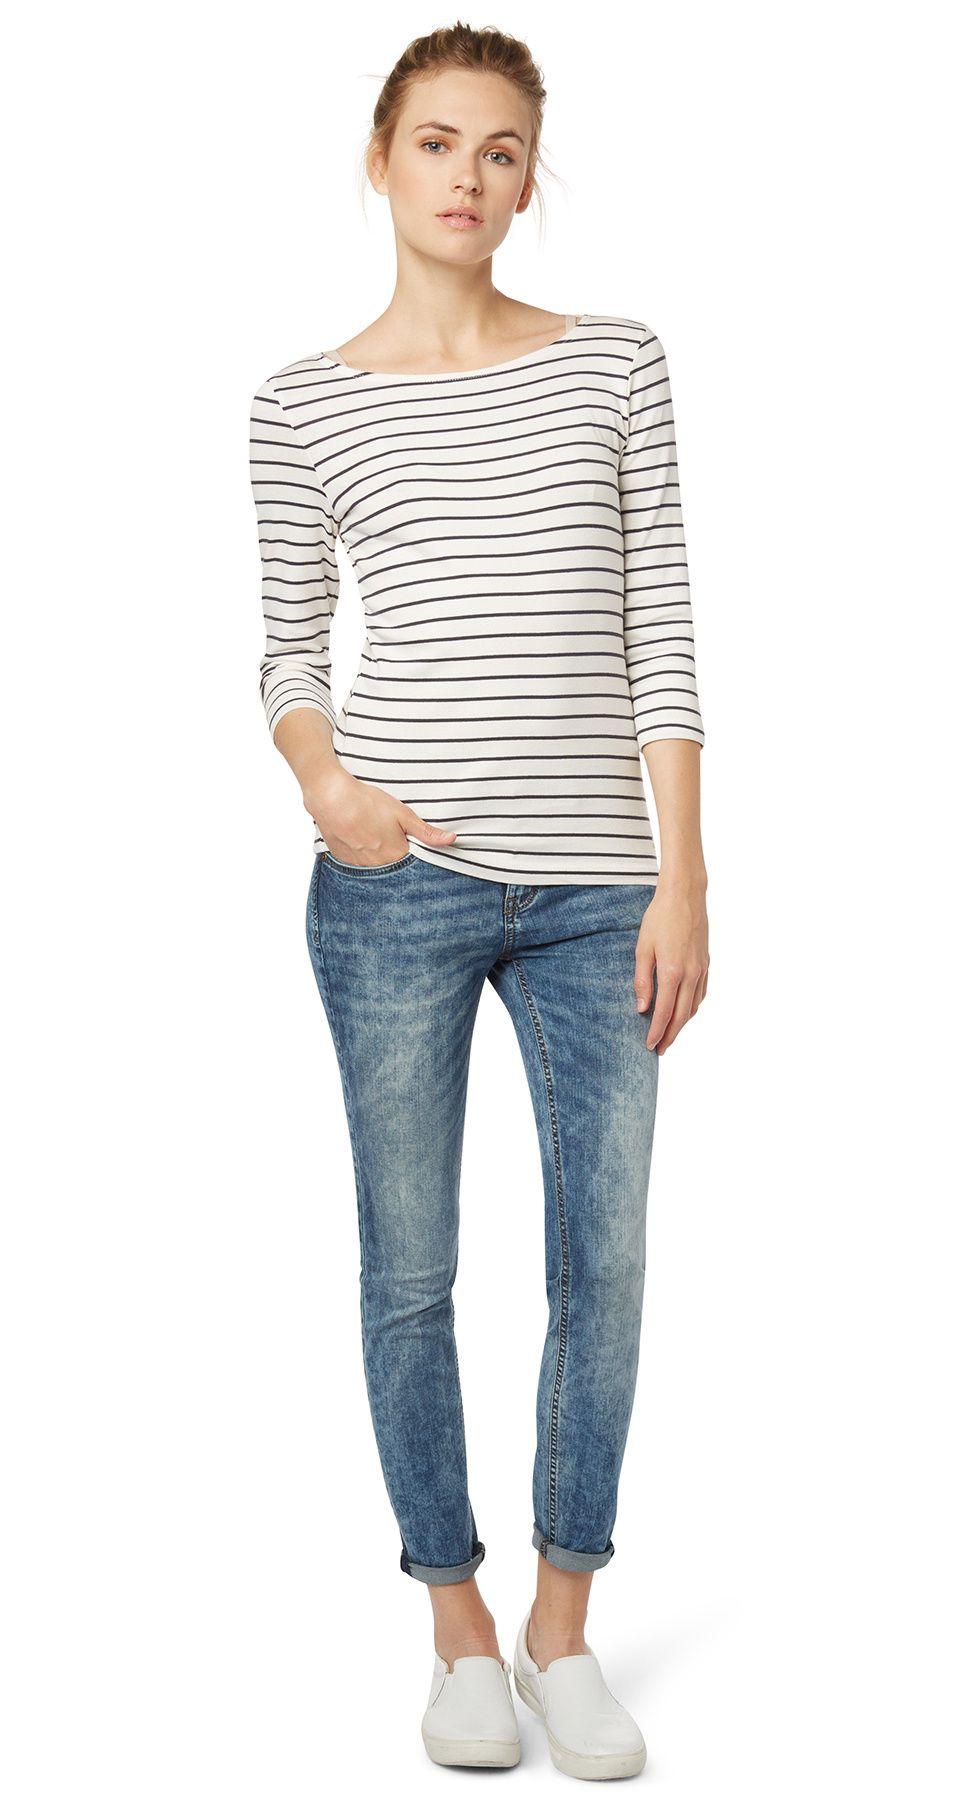 Carrie Jeans In Ankle Lange Fur Frauen Unifarben Klassisch Mit Knopf Und Reissverschluss Vorne Tom Tailor Torn Jeans Fashion Style